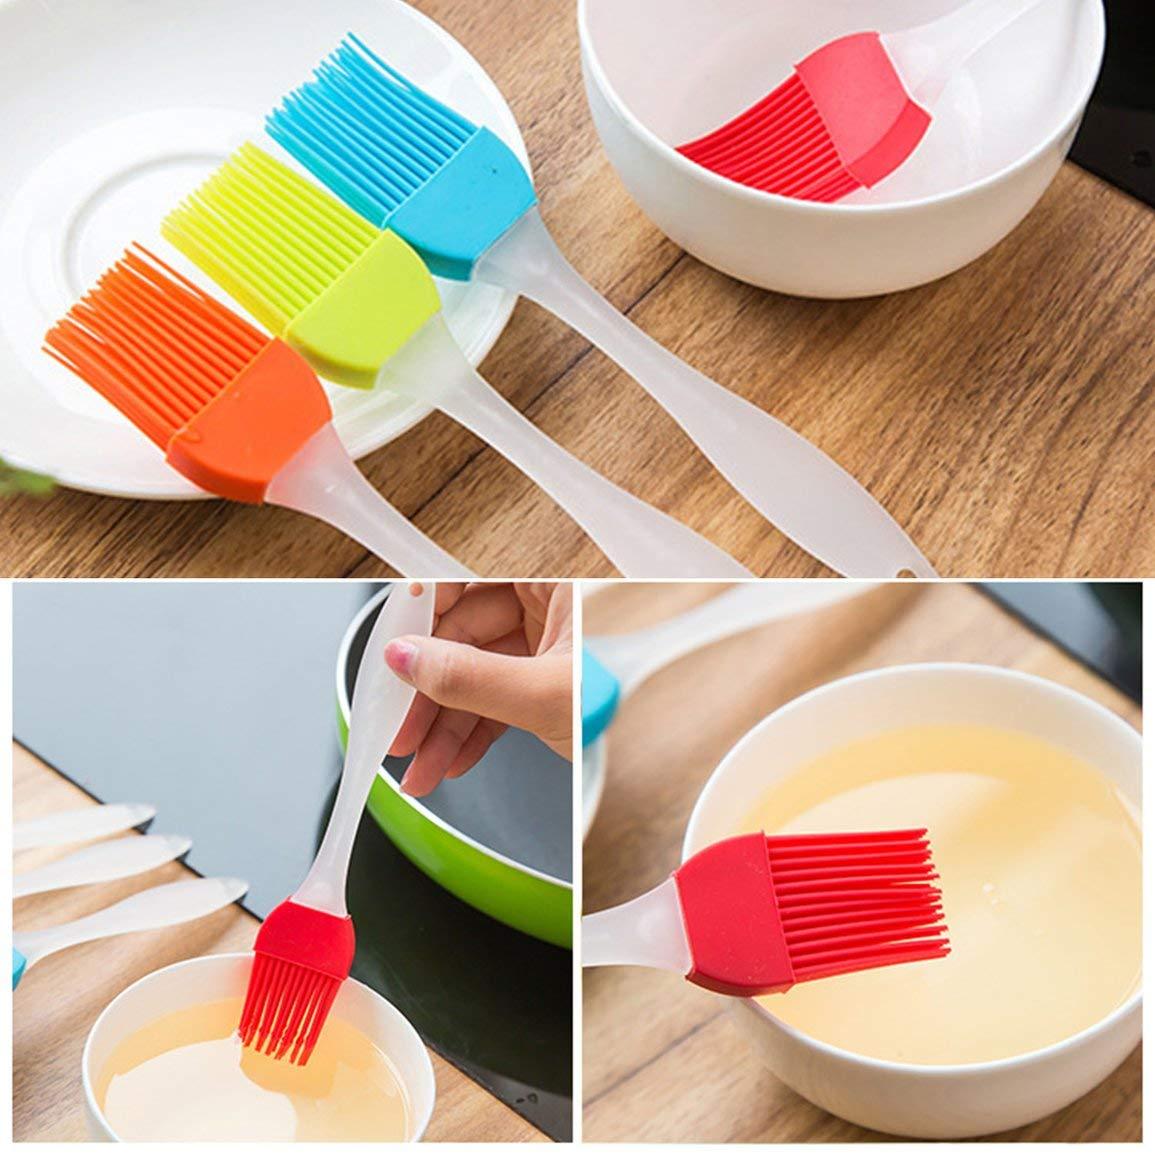 F/ácil de limpiar Suave silicona Para hornear Para hornear Pan Cocinar Pasteler/ía Crema de aceite Herramientas para barbacoa Pincel de cocina Utensilios de cocina